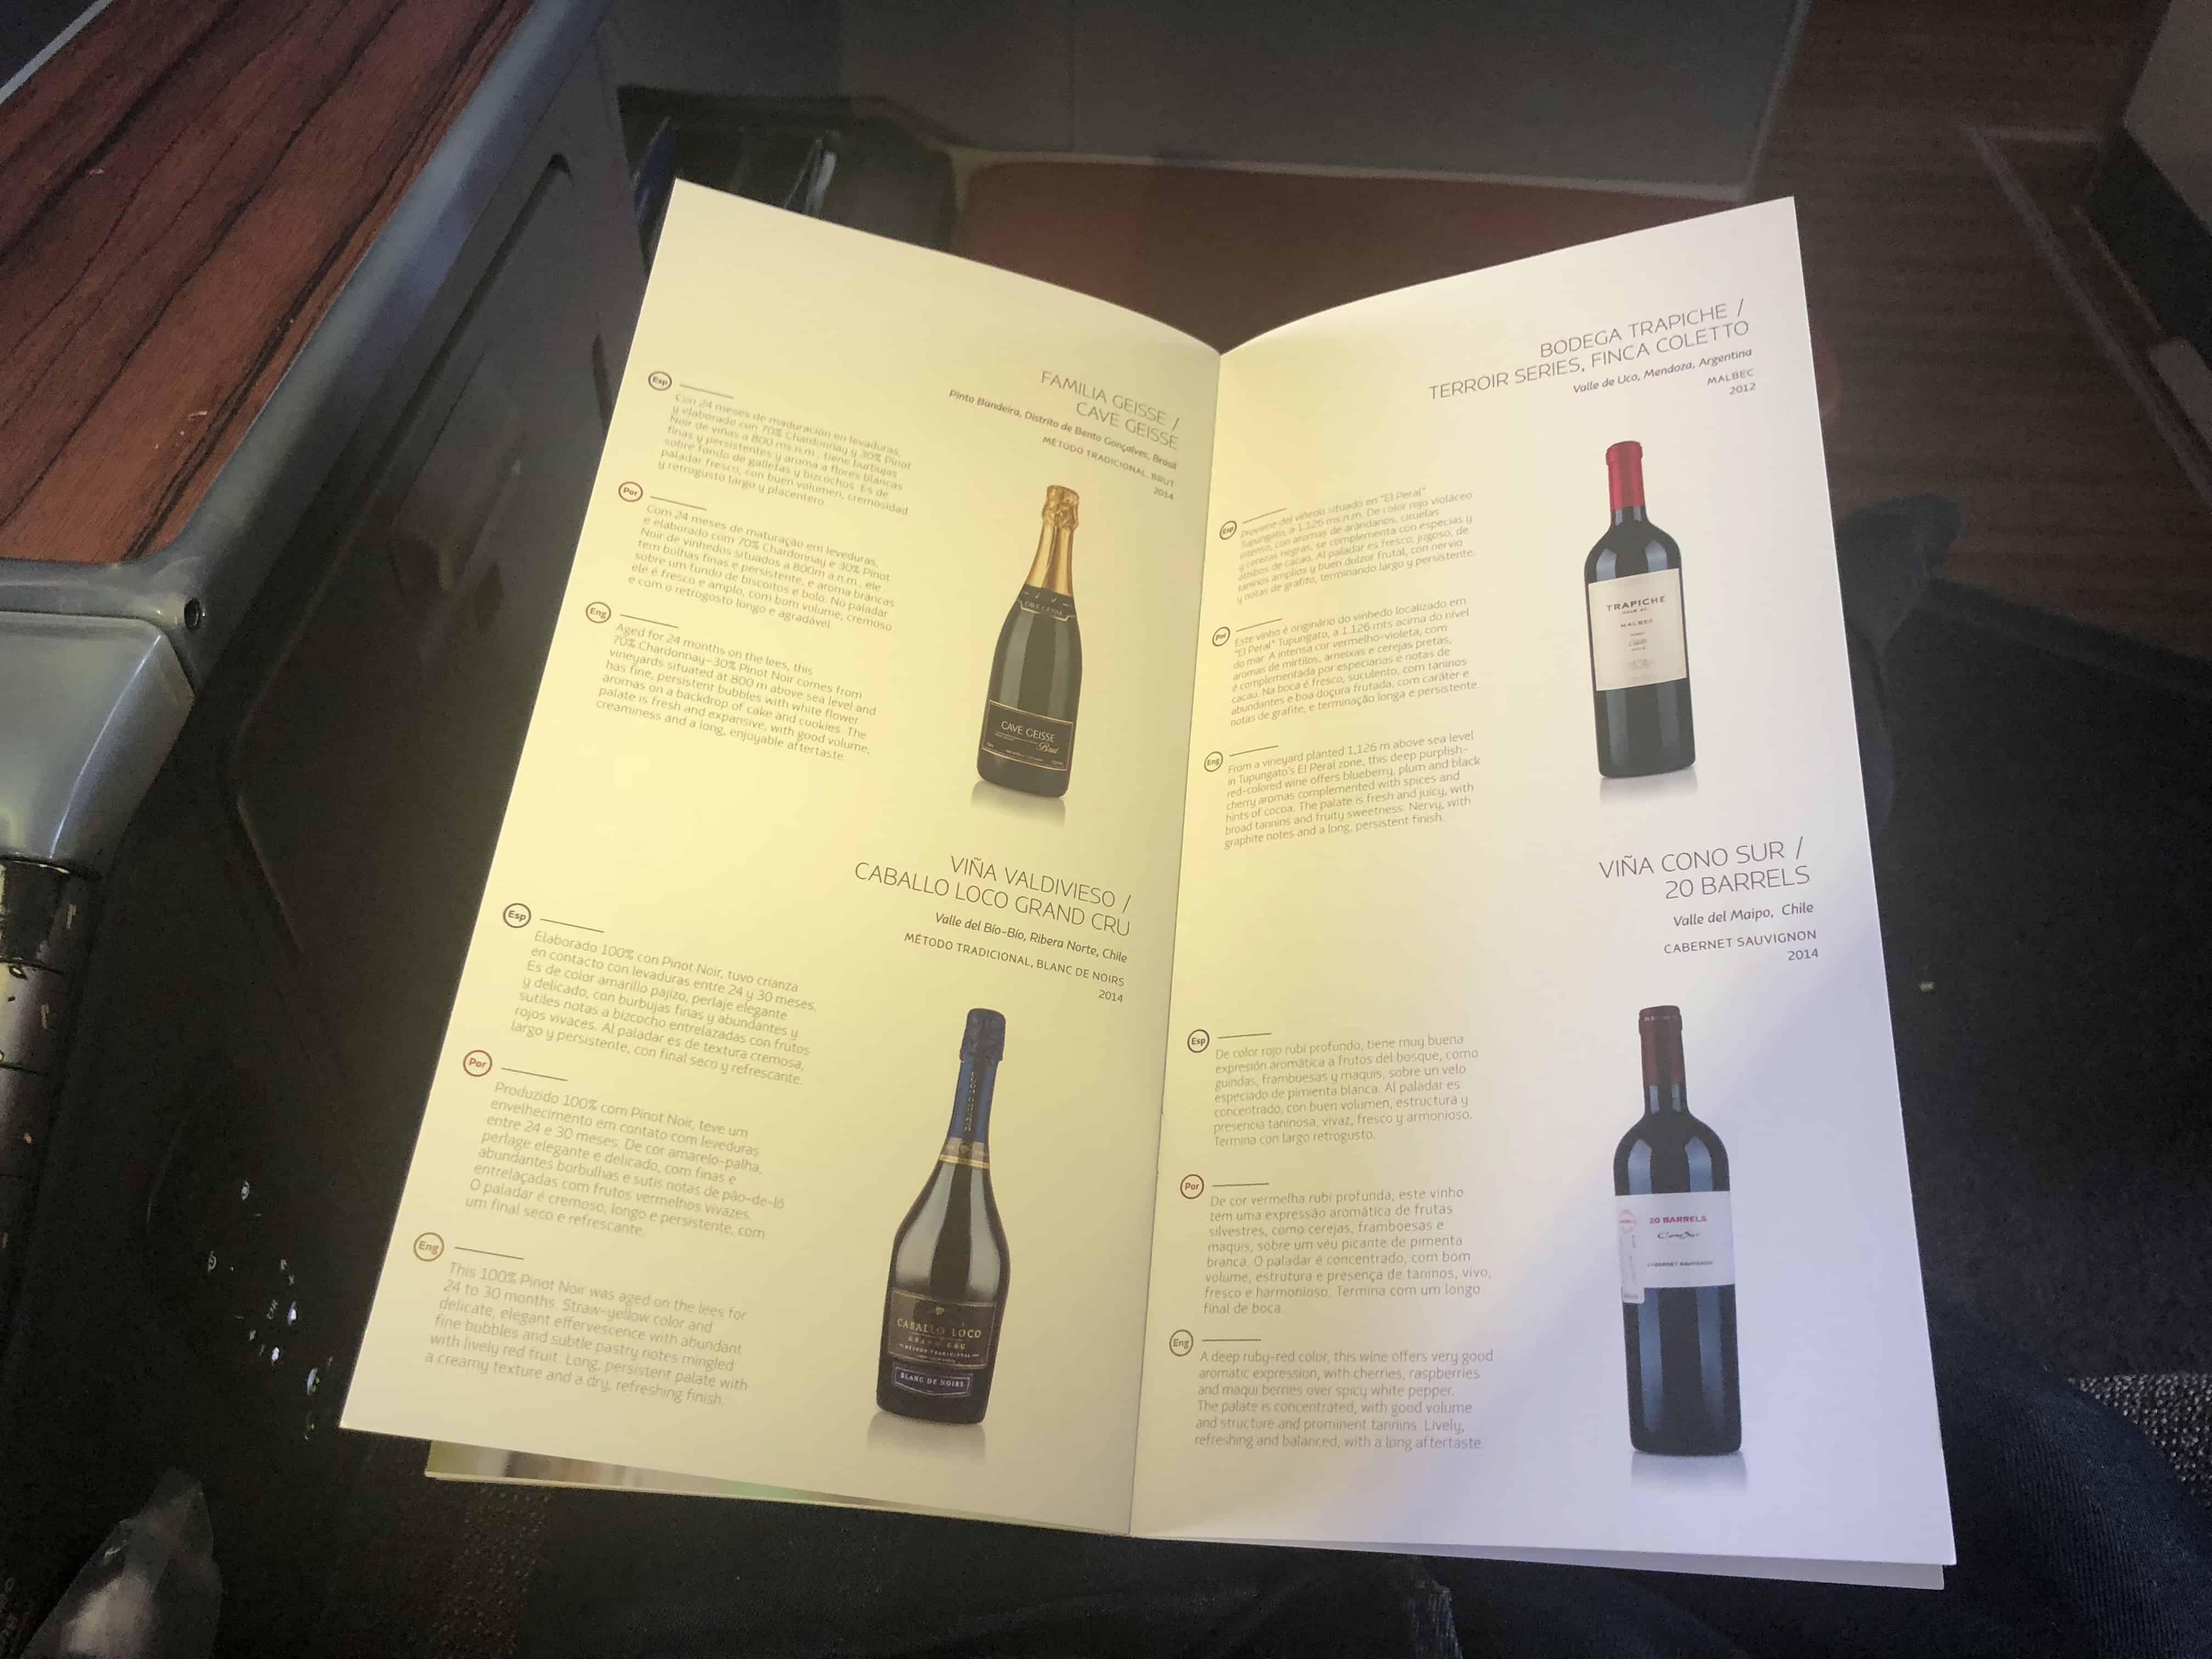 Auszug aus der Weinkarte in der LATAM Business Class.